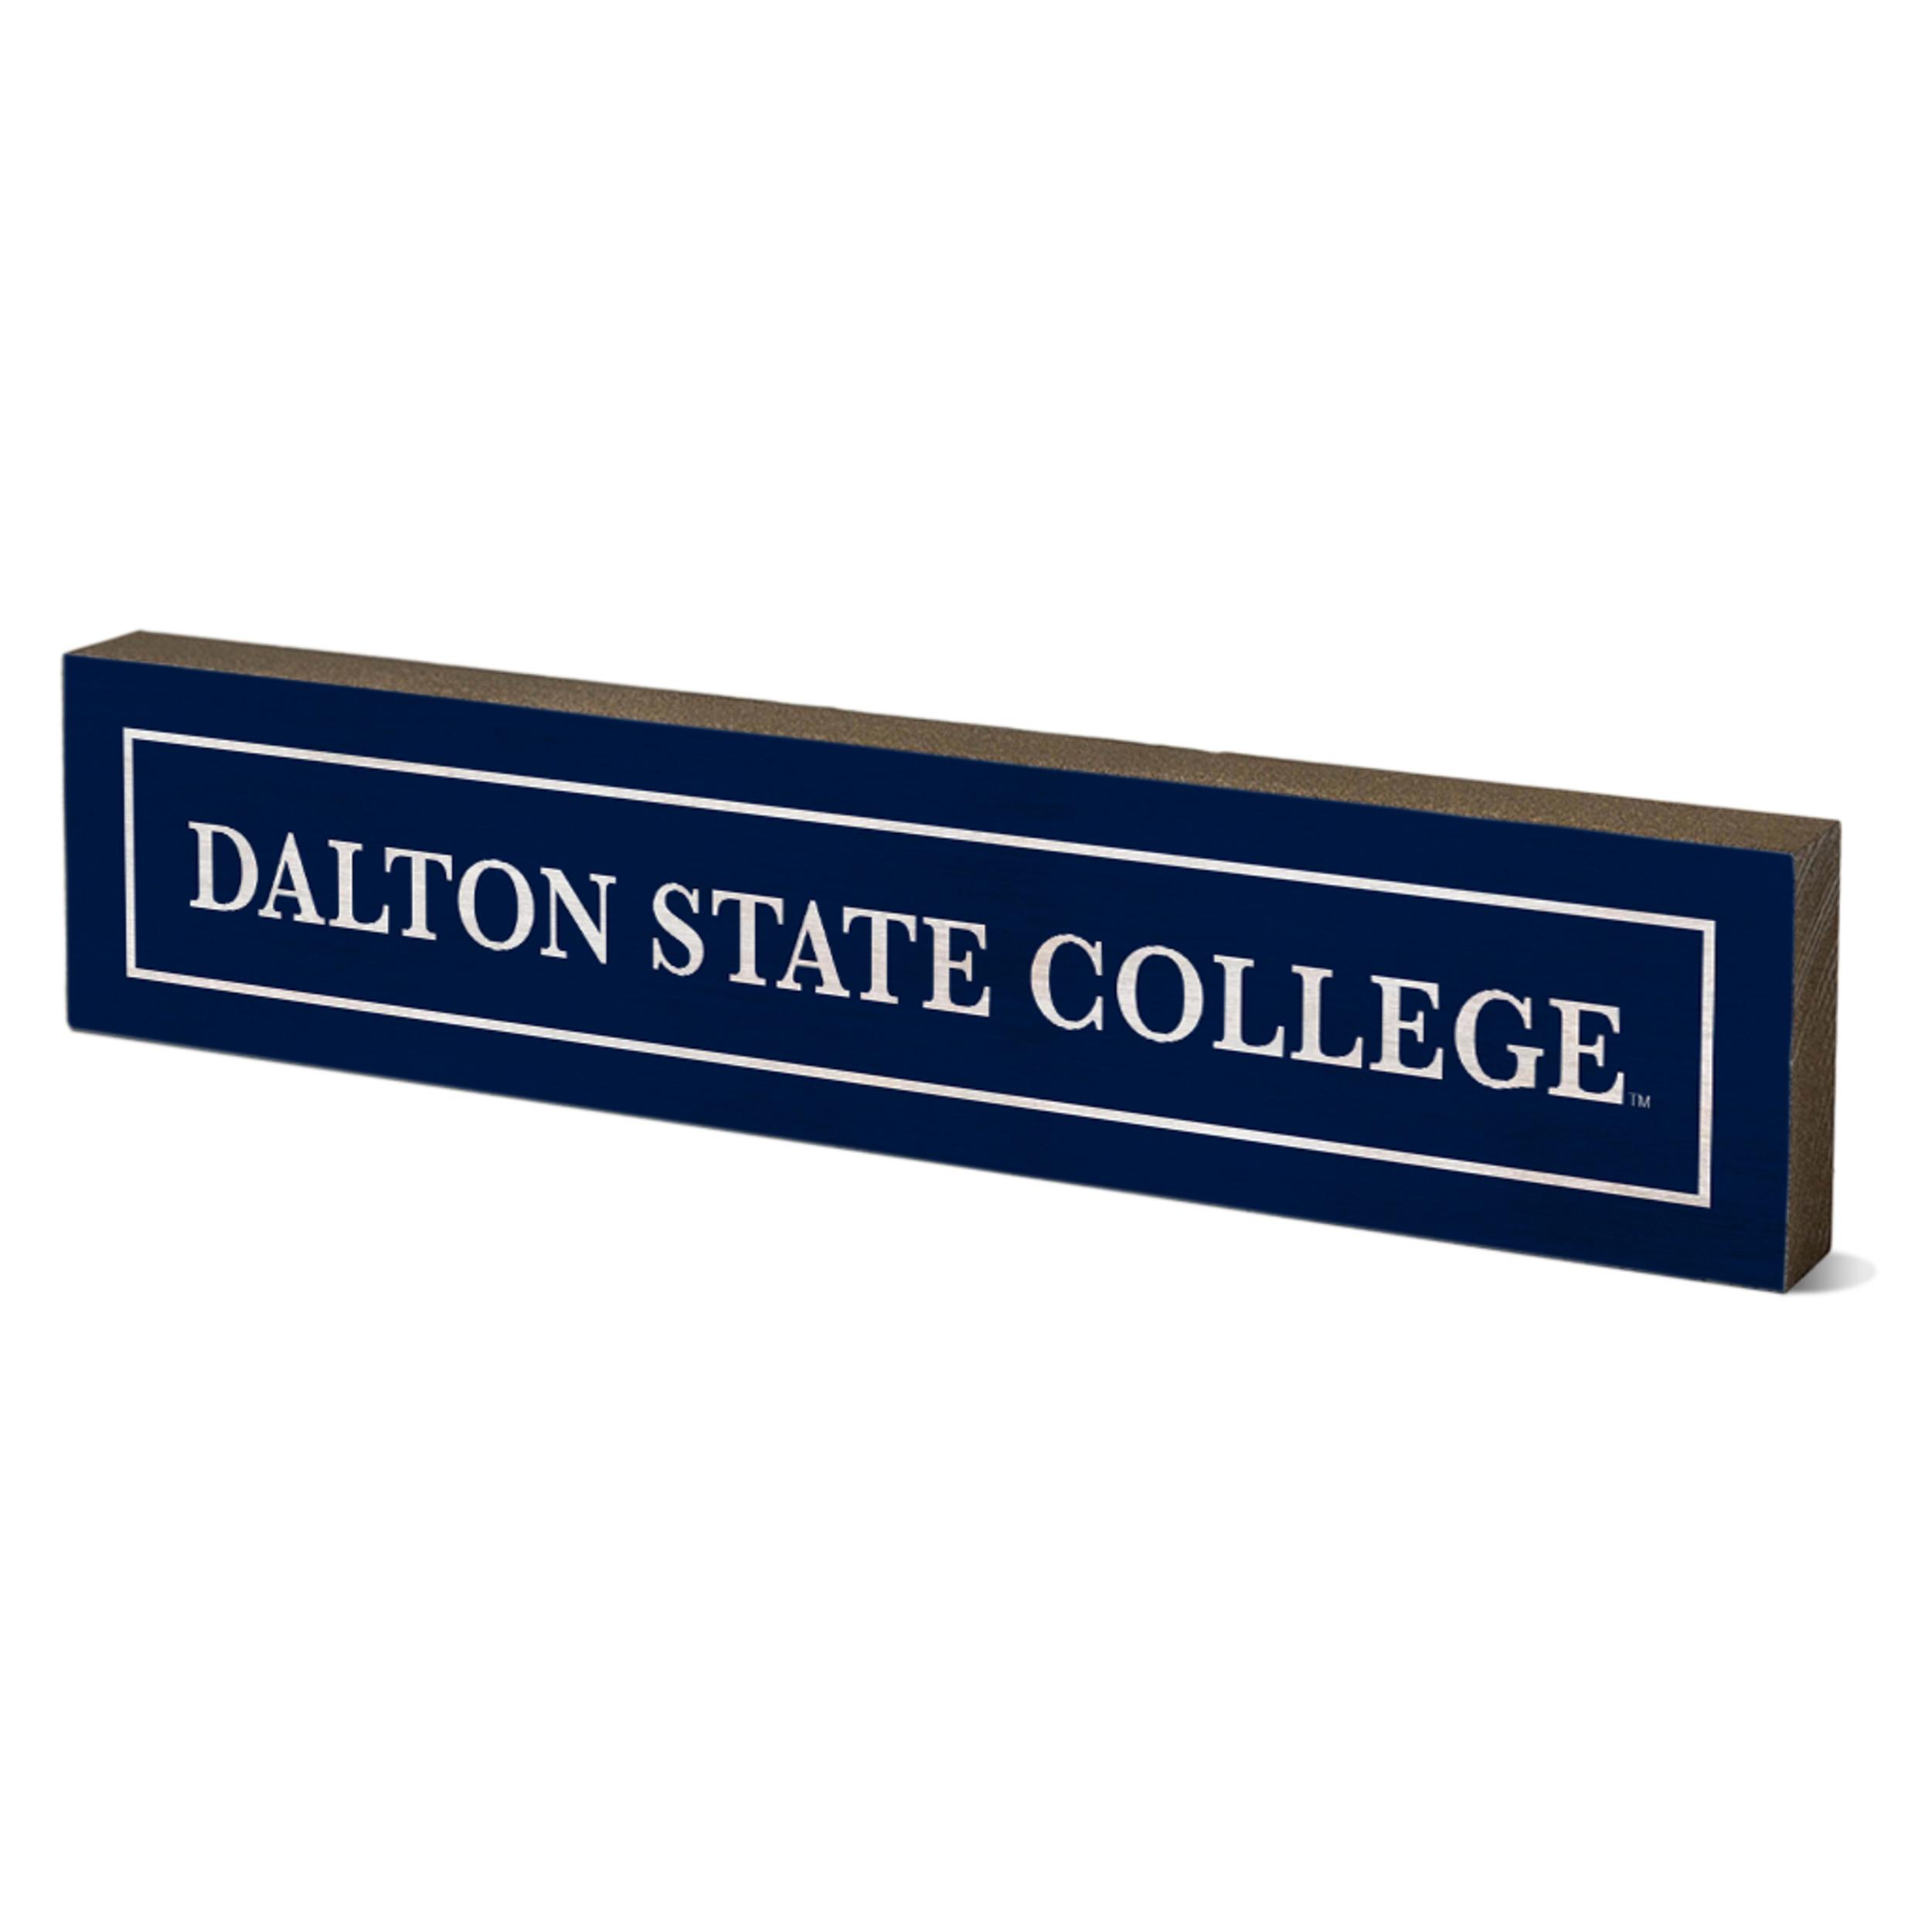 Dalton State College Table Top Stick 2.5x12